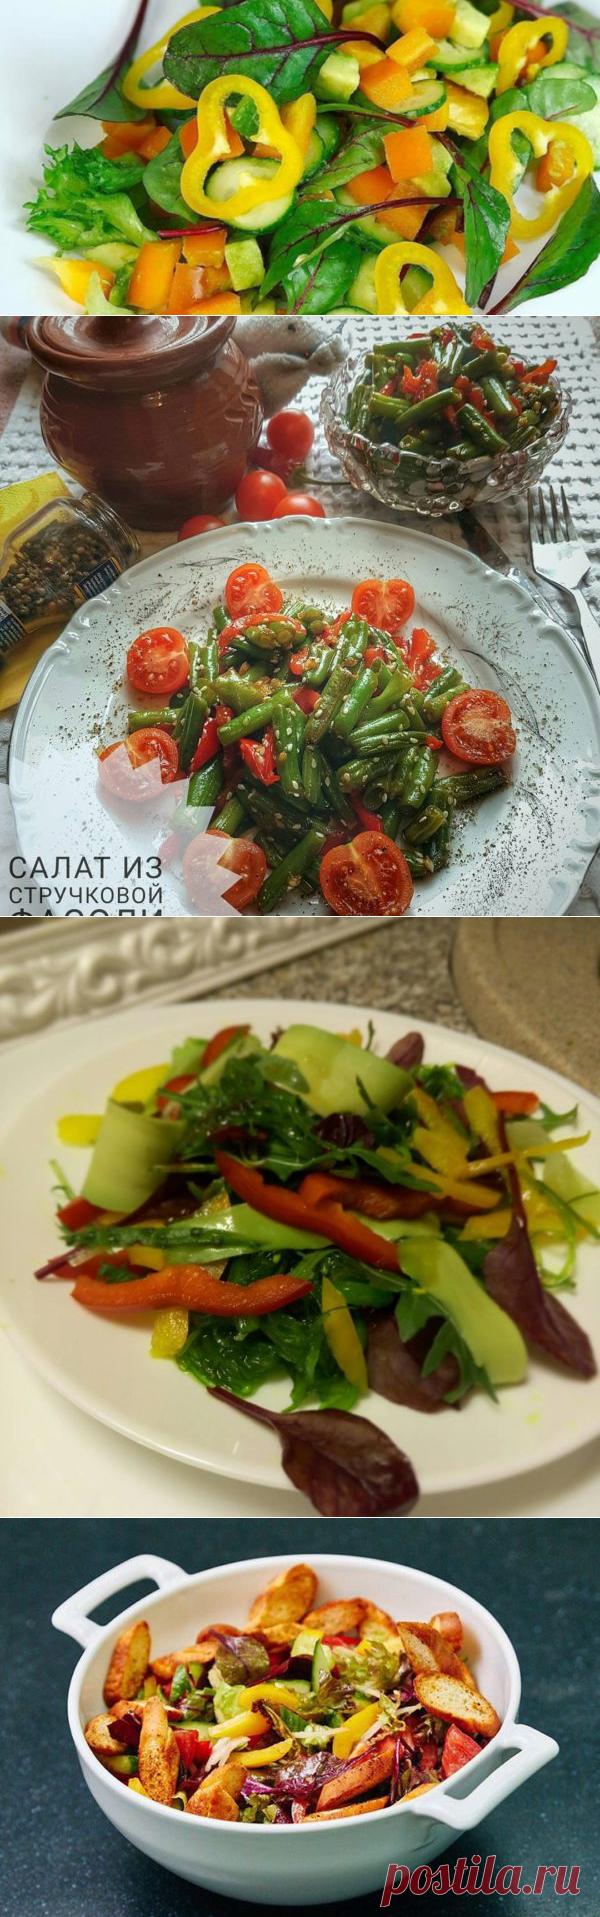 Очень вкусные постные салаты: 12 рецептов, которые понравятся всем Диетологи уверяют, что суточная норма составляет 300 г фруктов, 500 г овощей и 500 г зелени. Вместе будет многовато. Но если готовить смузи и различные фруктово-овощные салаты, выполнить норму не так уж и сложно. Предлагаем вам приготовить очень вкусные постные салаты, на любой вкус. Салат из фасоли и овощей Ингредиенты: фасоль стручковая – 1 пачка […] Читай дальше на сайте. Жми подробнее ➡